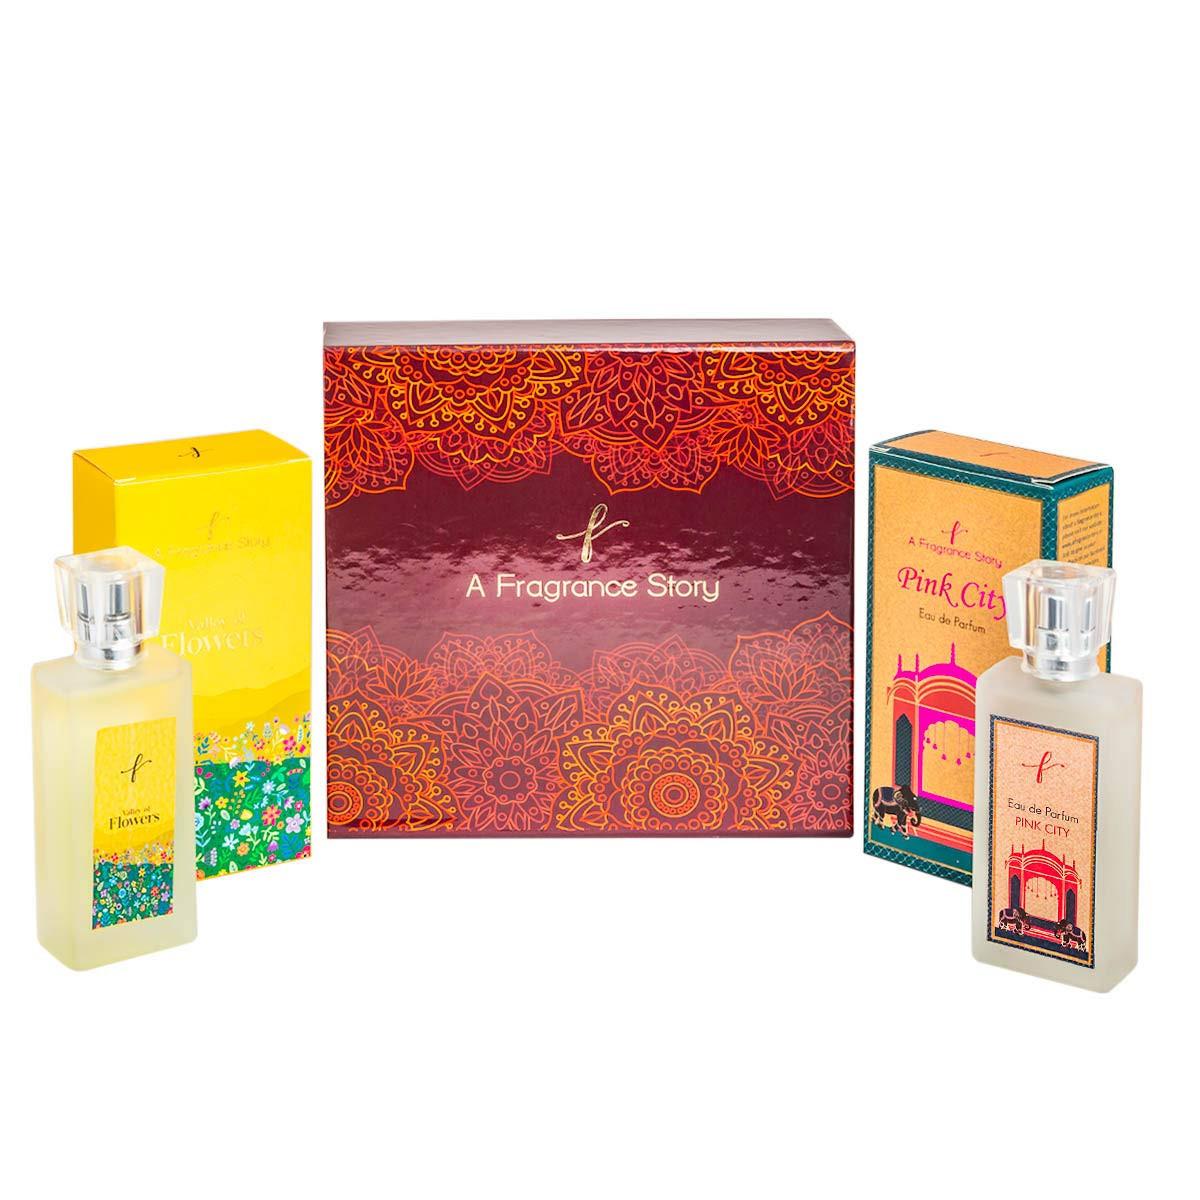 A Fragrance Story Combo Pack Set of Eau De Parfum Valley Of Flowers, 50 Ml & Pink City Eau De Parfum, 50 Ml Unisex Perfume.